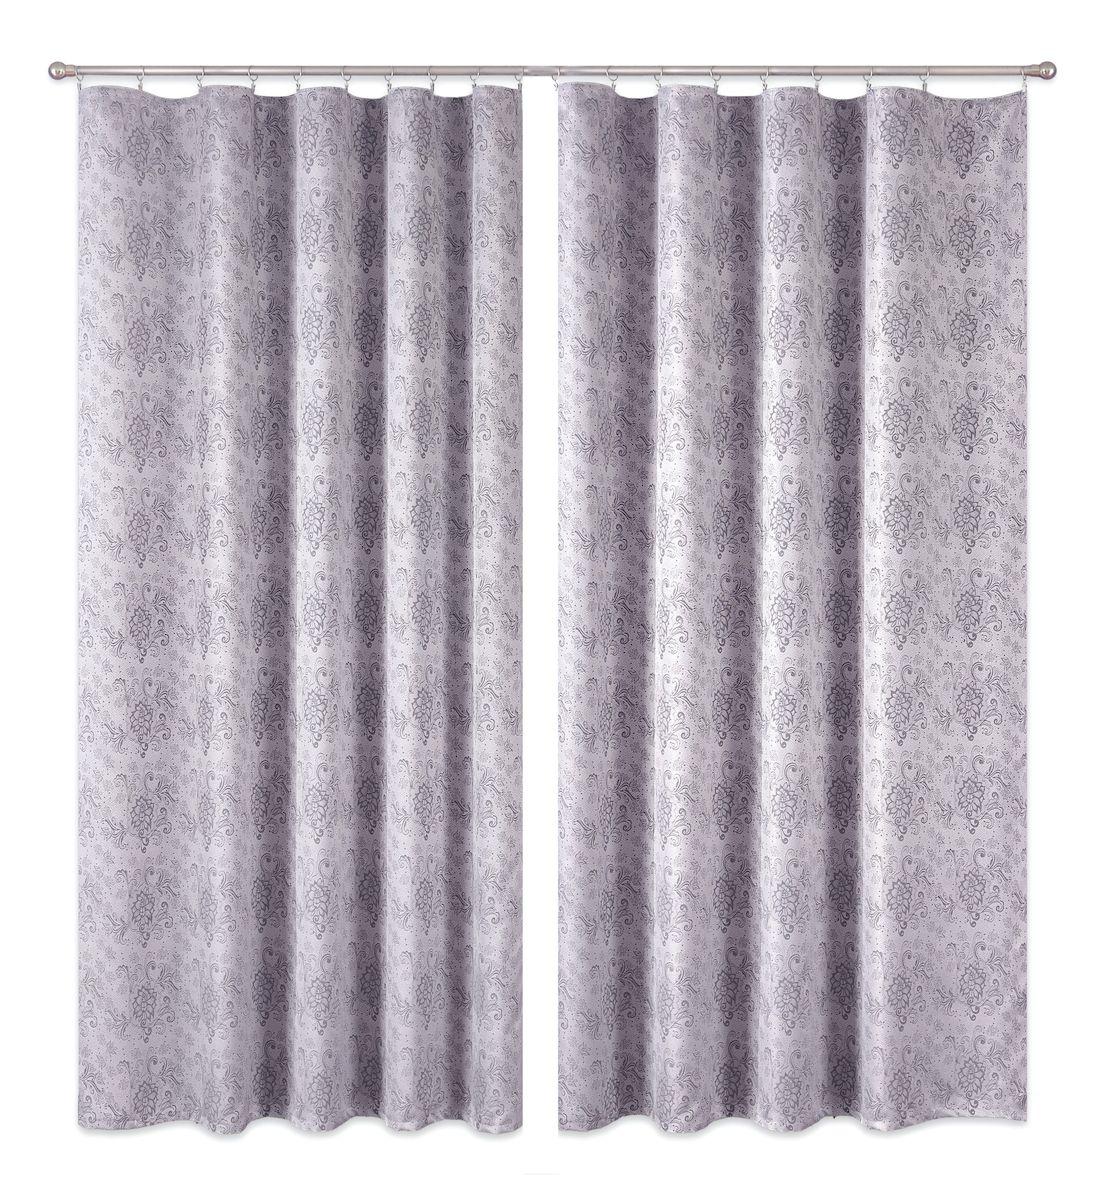 Комплект штор P Primavera Firany, цвет: серый, высота 250 см. 1110021333319Комплект шториз полиэстровой жаккардовой ткани с пришитой шторнойлентой. Размер - ширина 180 см высота 250см. Набор 2 штуки. Цвет серый.Размер: ширина 180 х высота 250